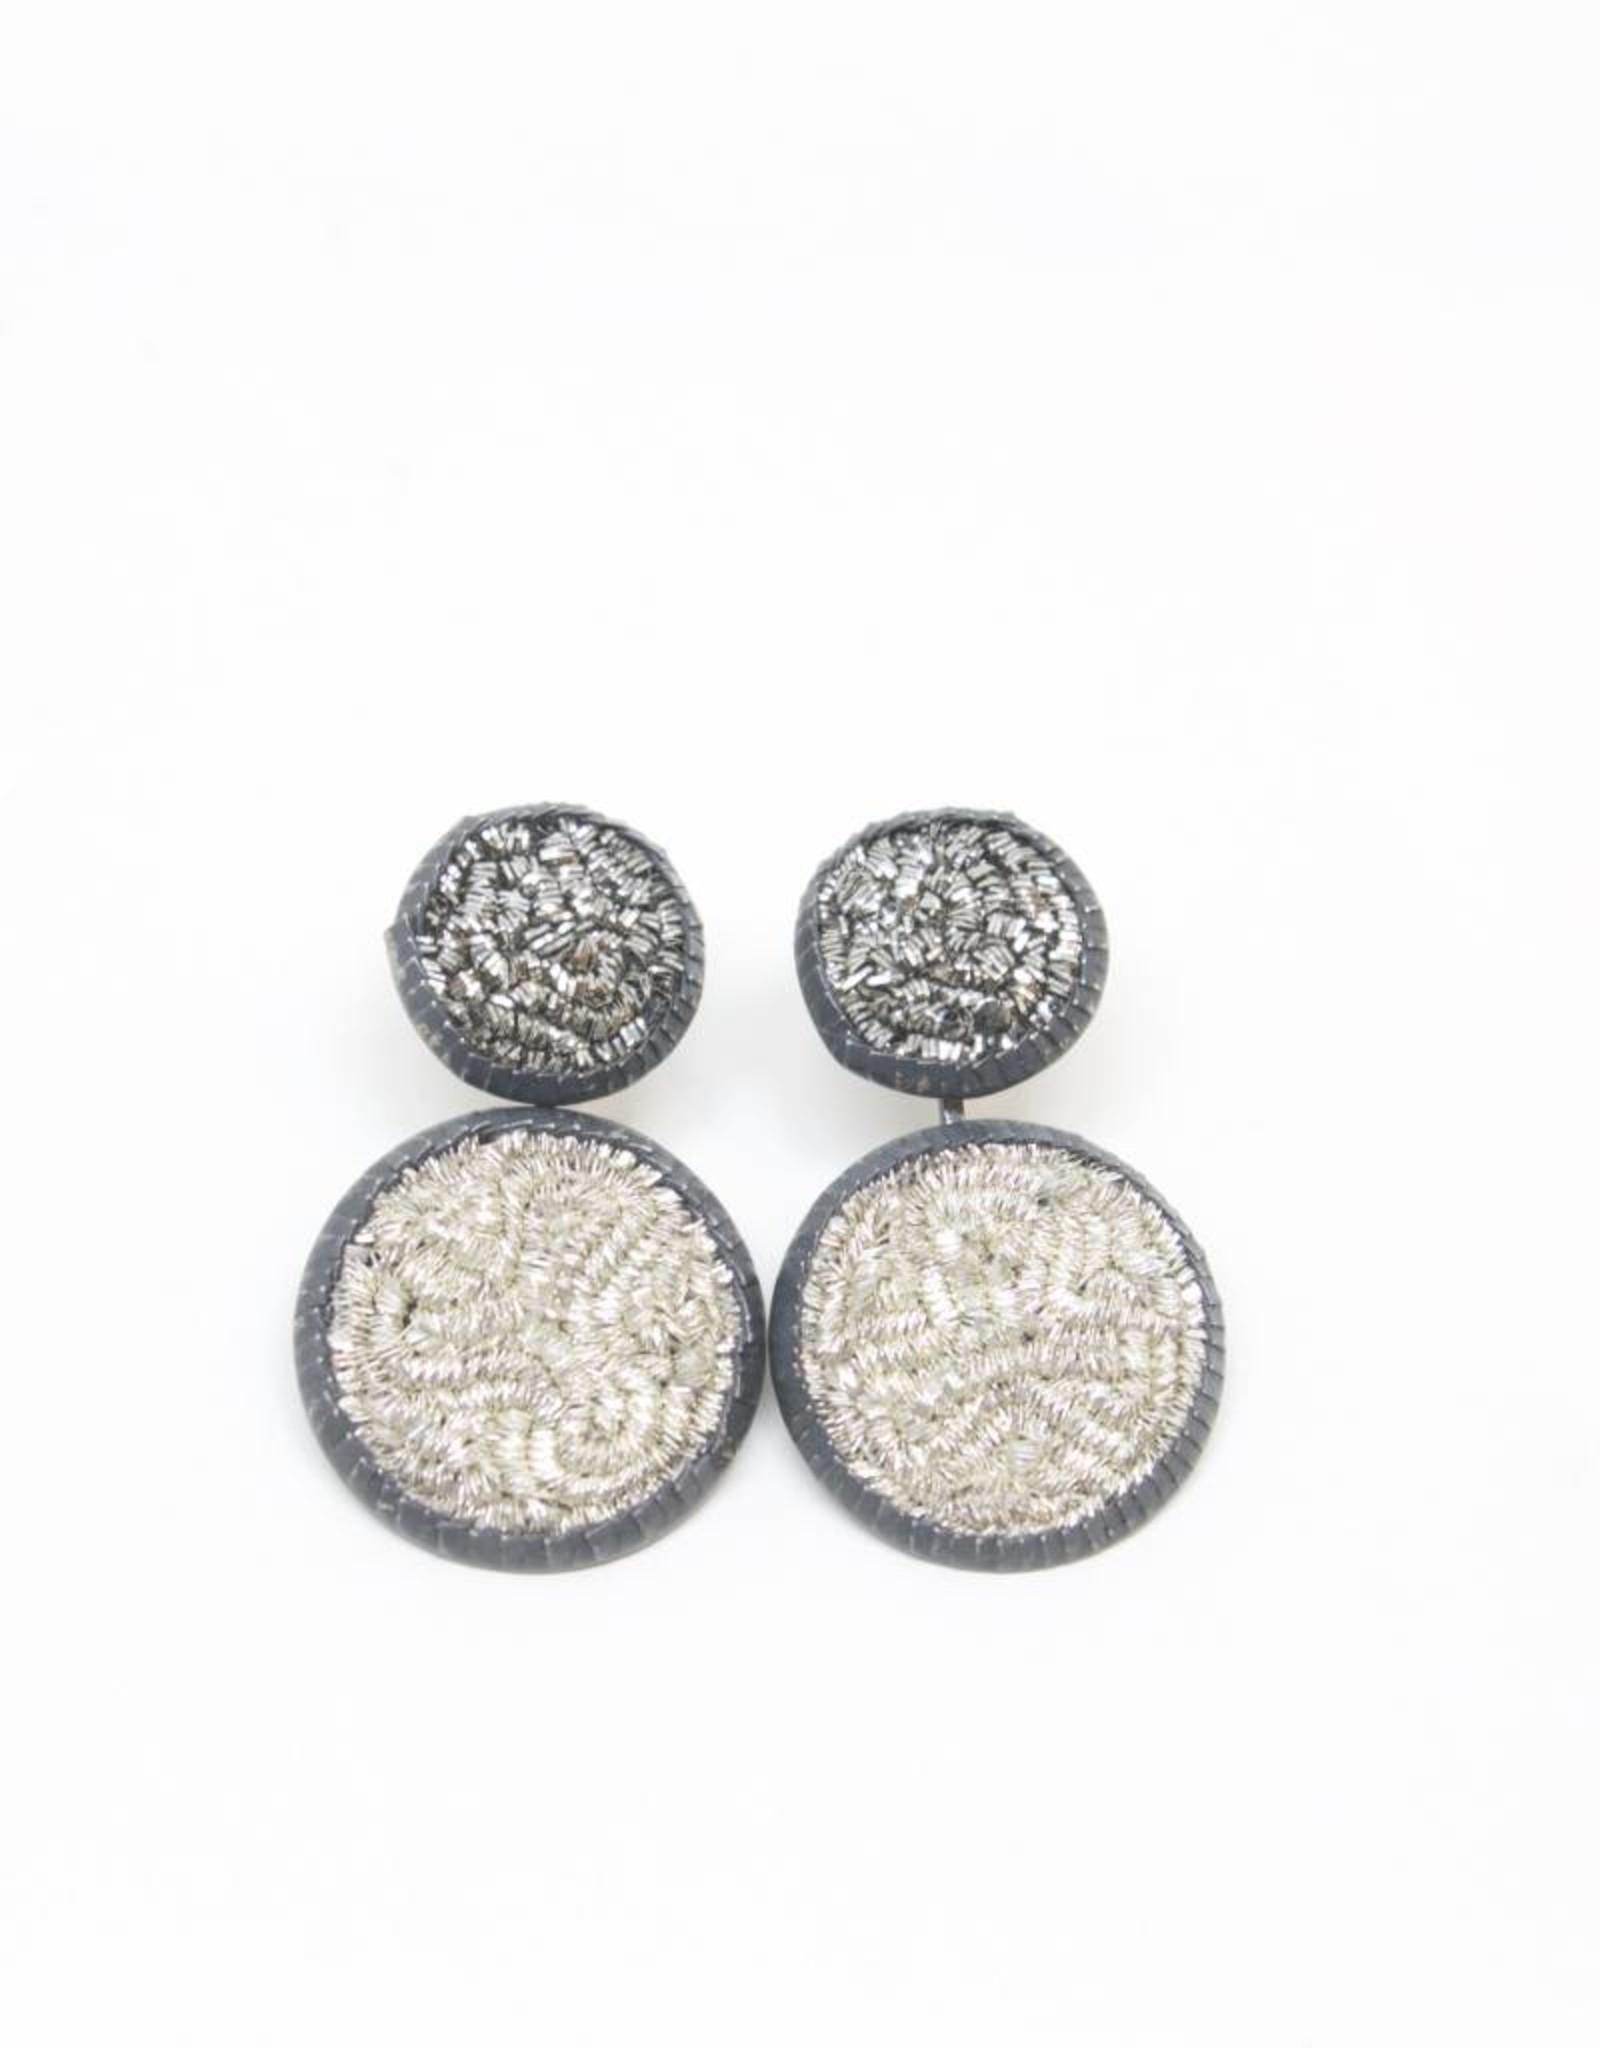 Himatsingka Sparkler 14mm Antique/20mm Silver Double Drop Earrings